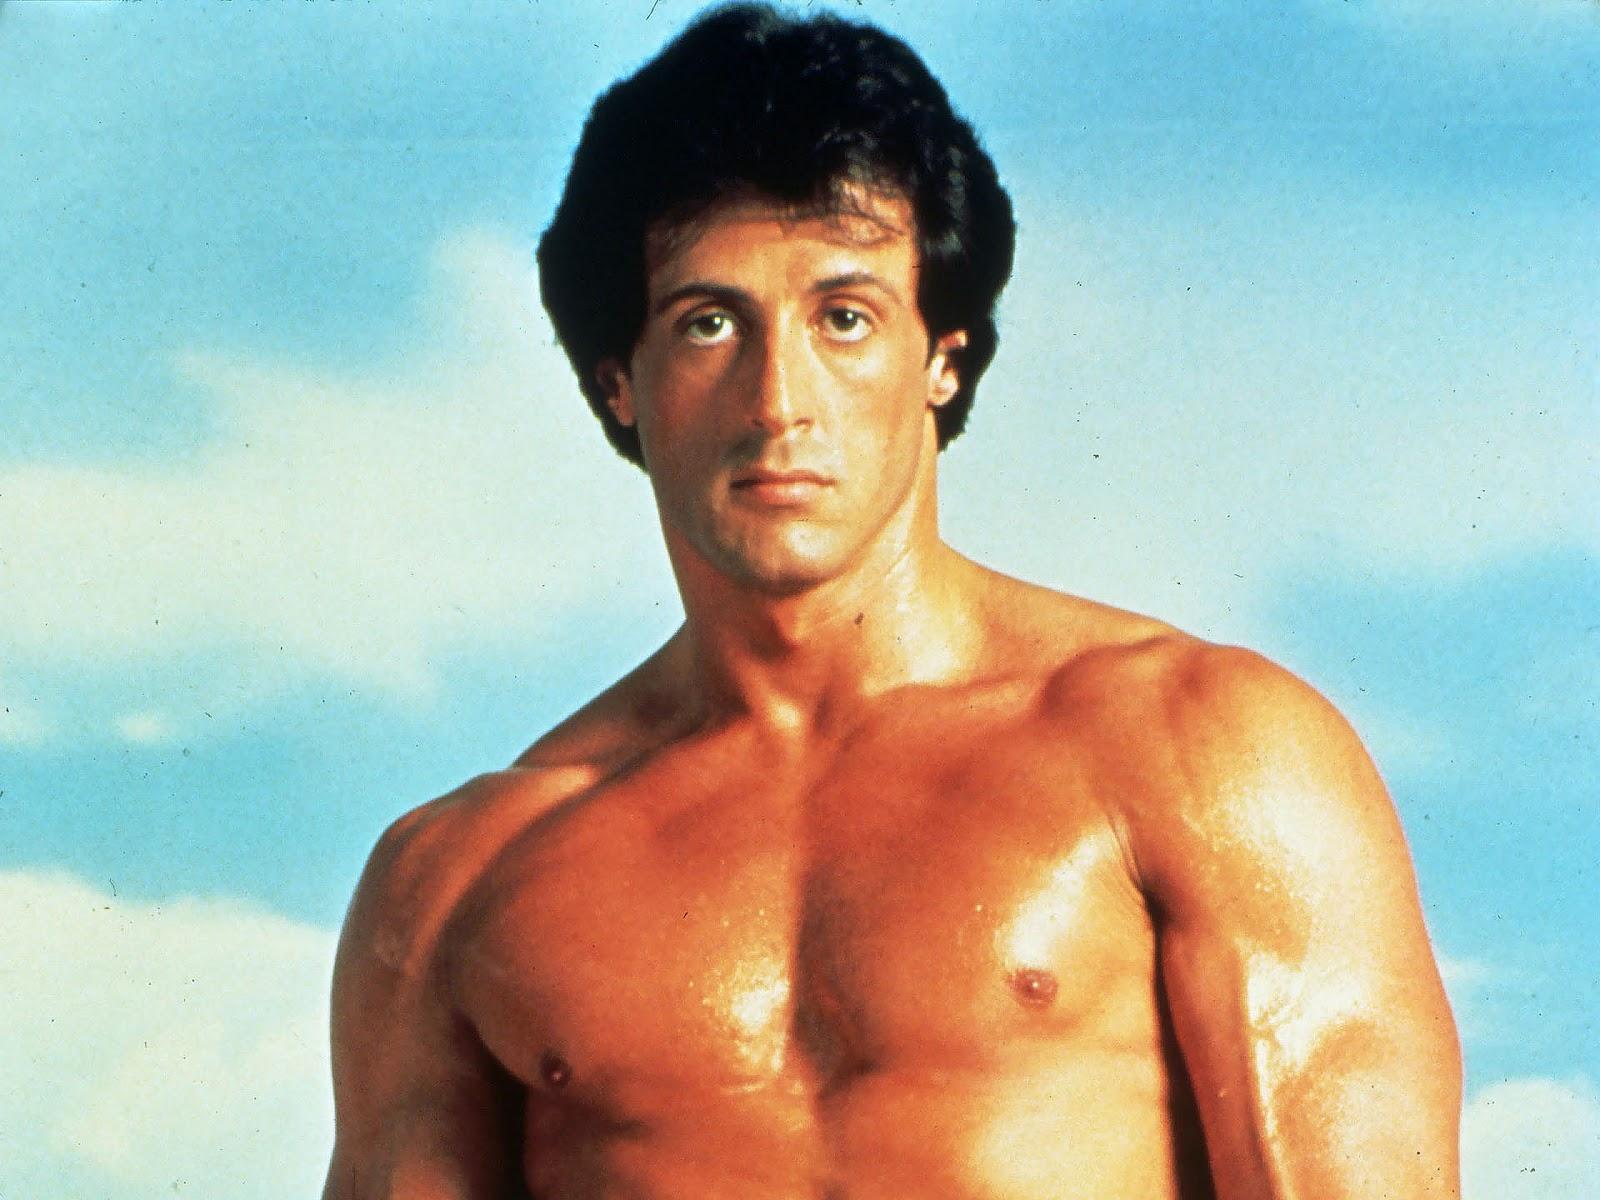 Young sylvester photos stallone Sylvester Stallone